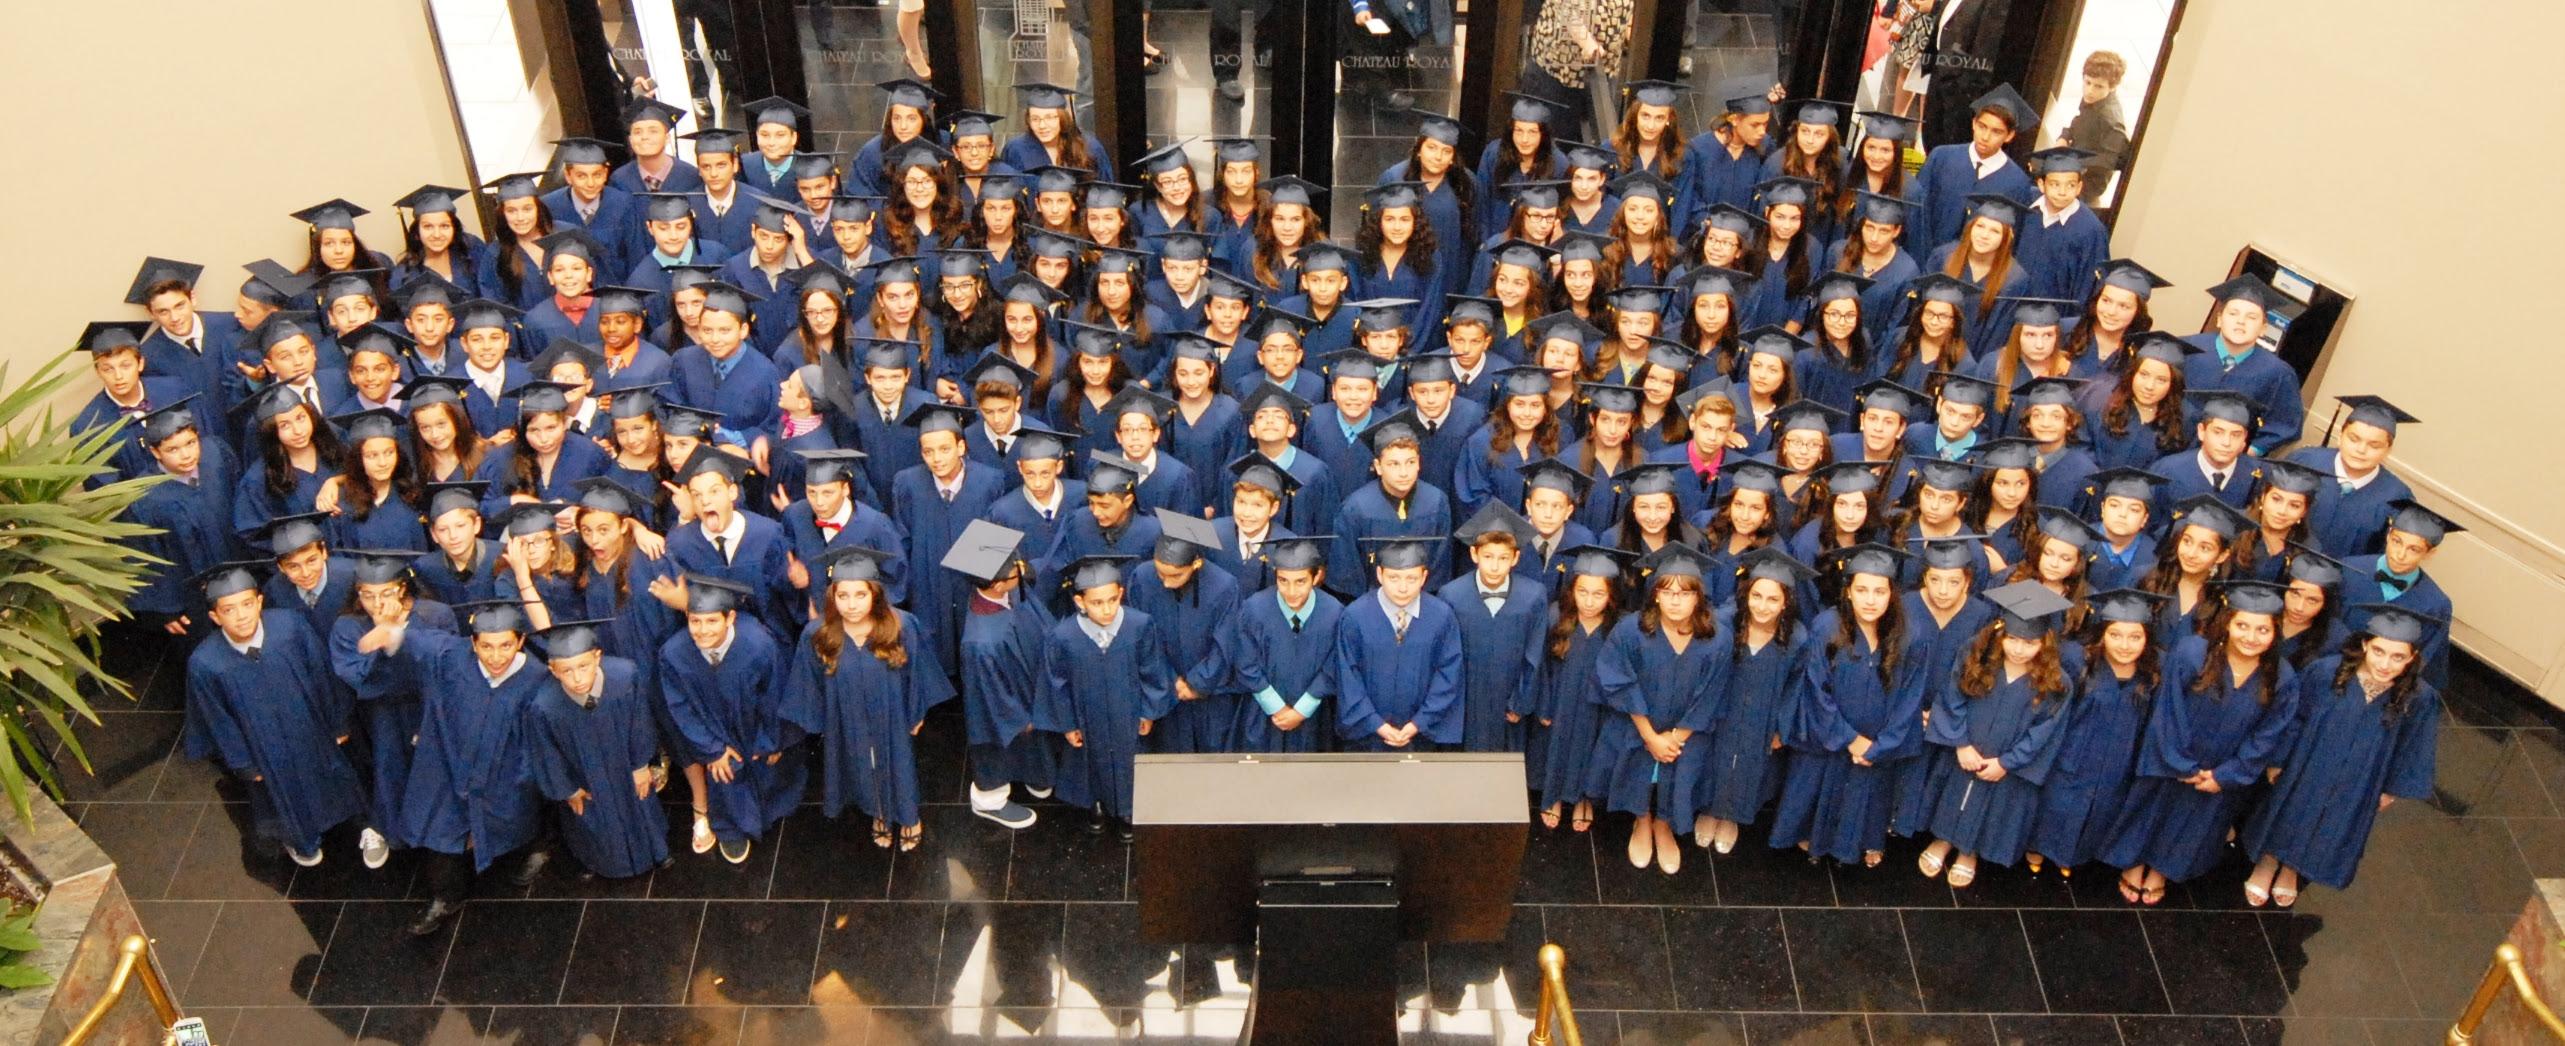 La cérémonie des diplômés